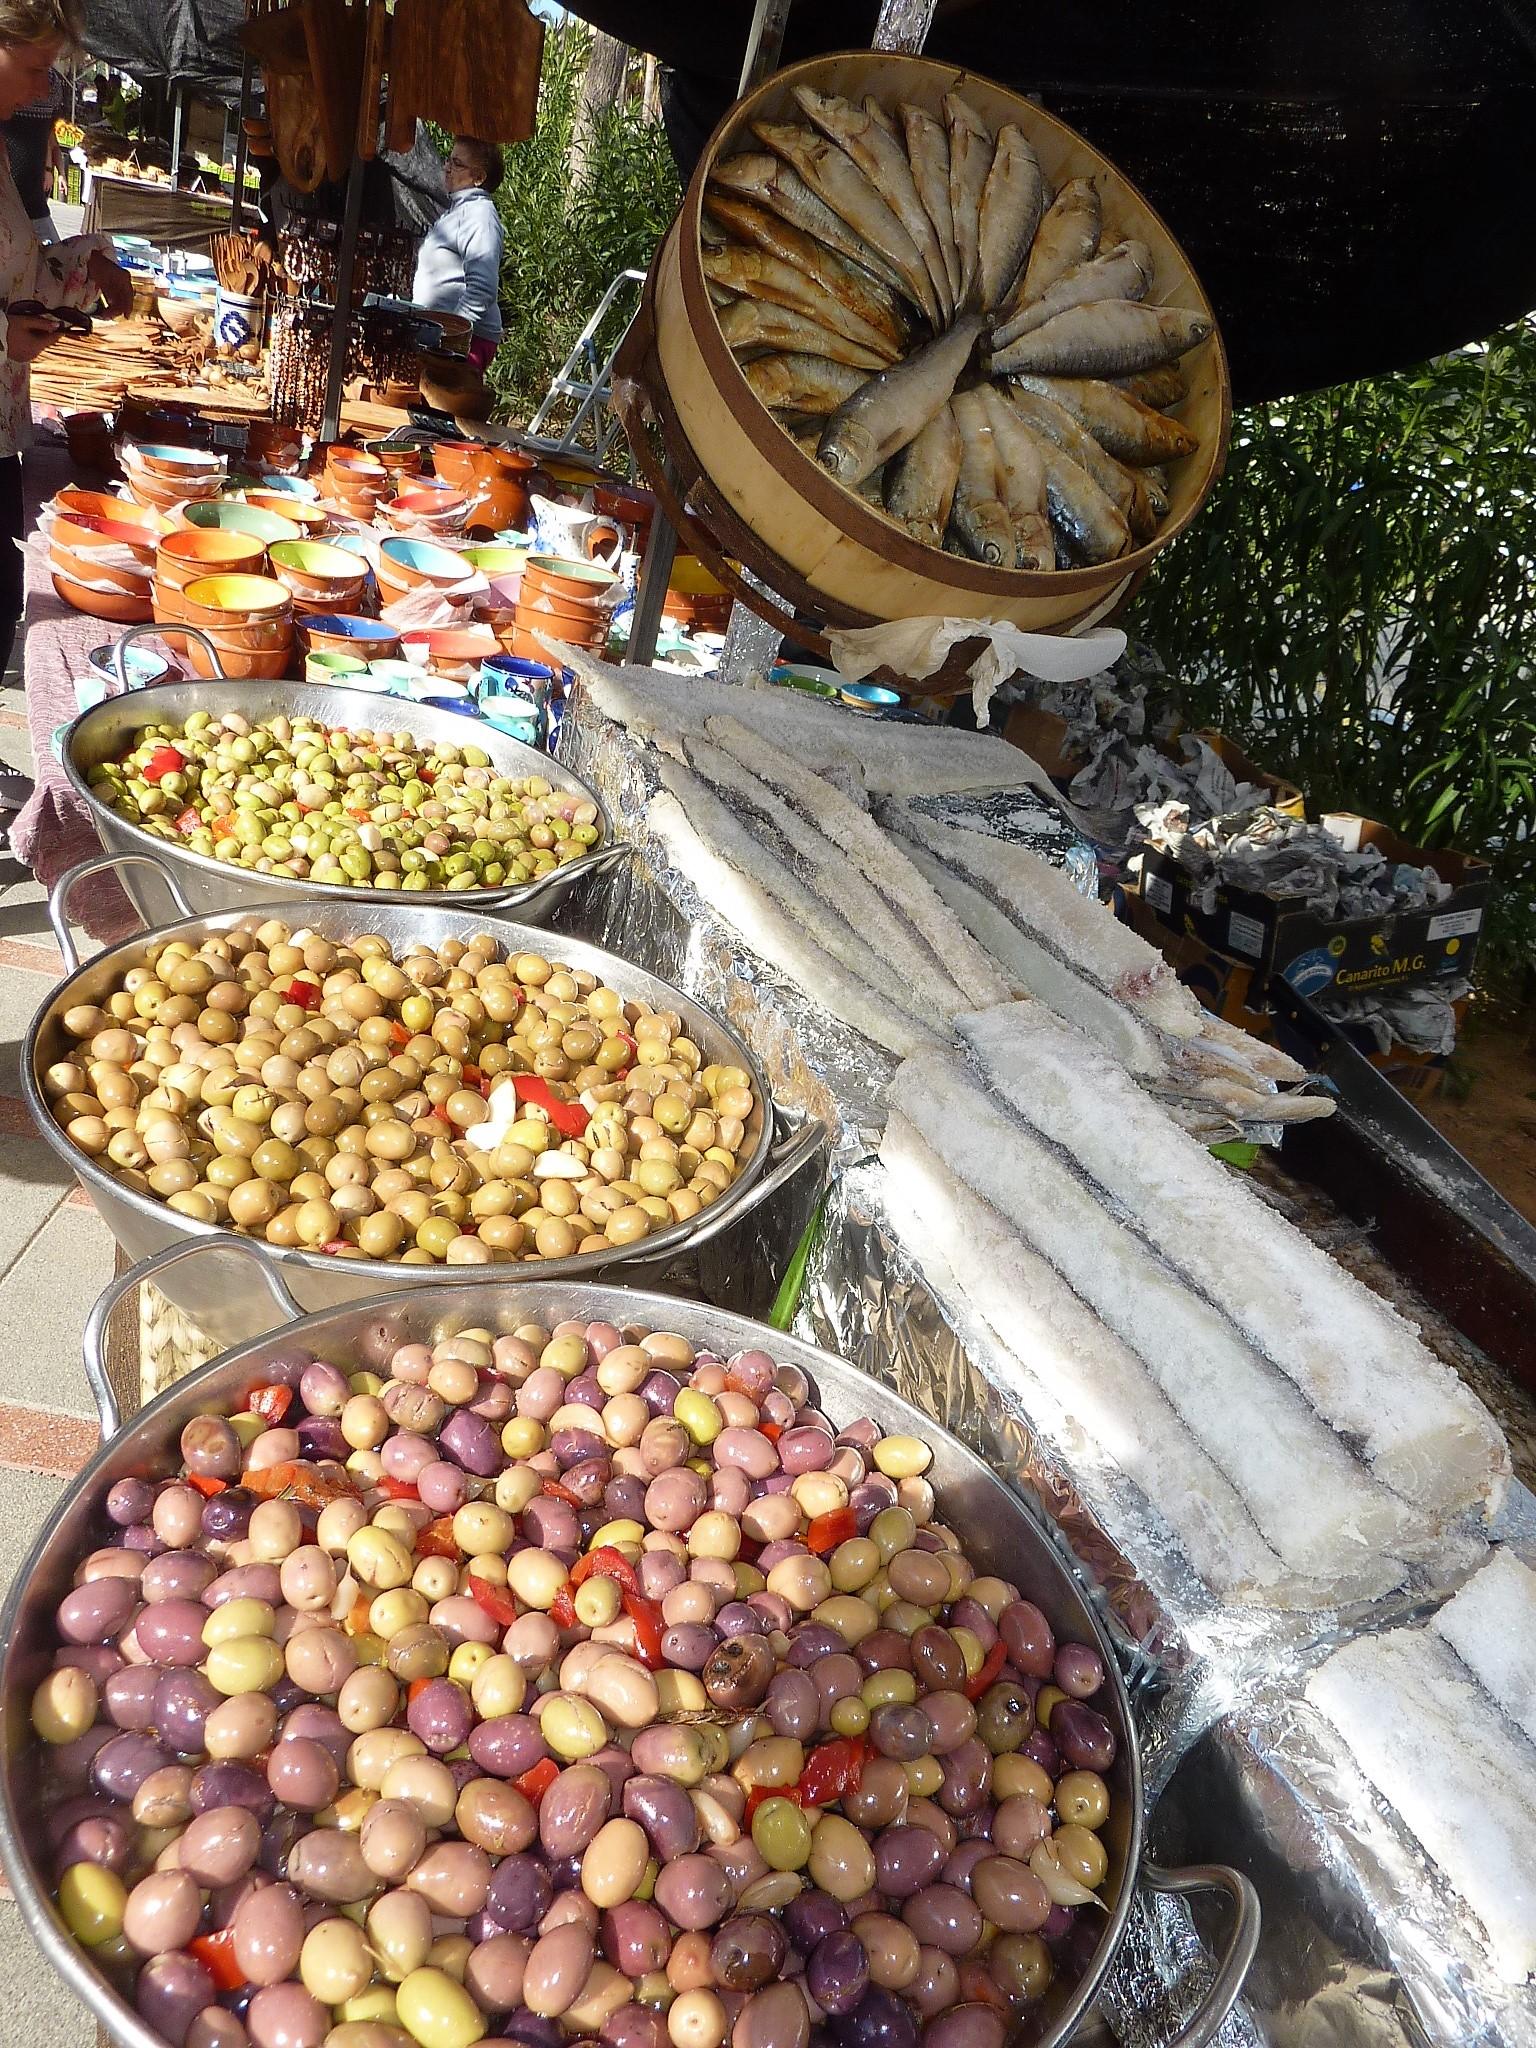 Oliven und Fisch